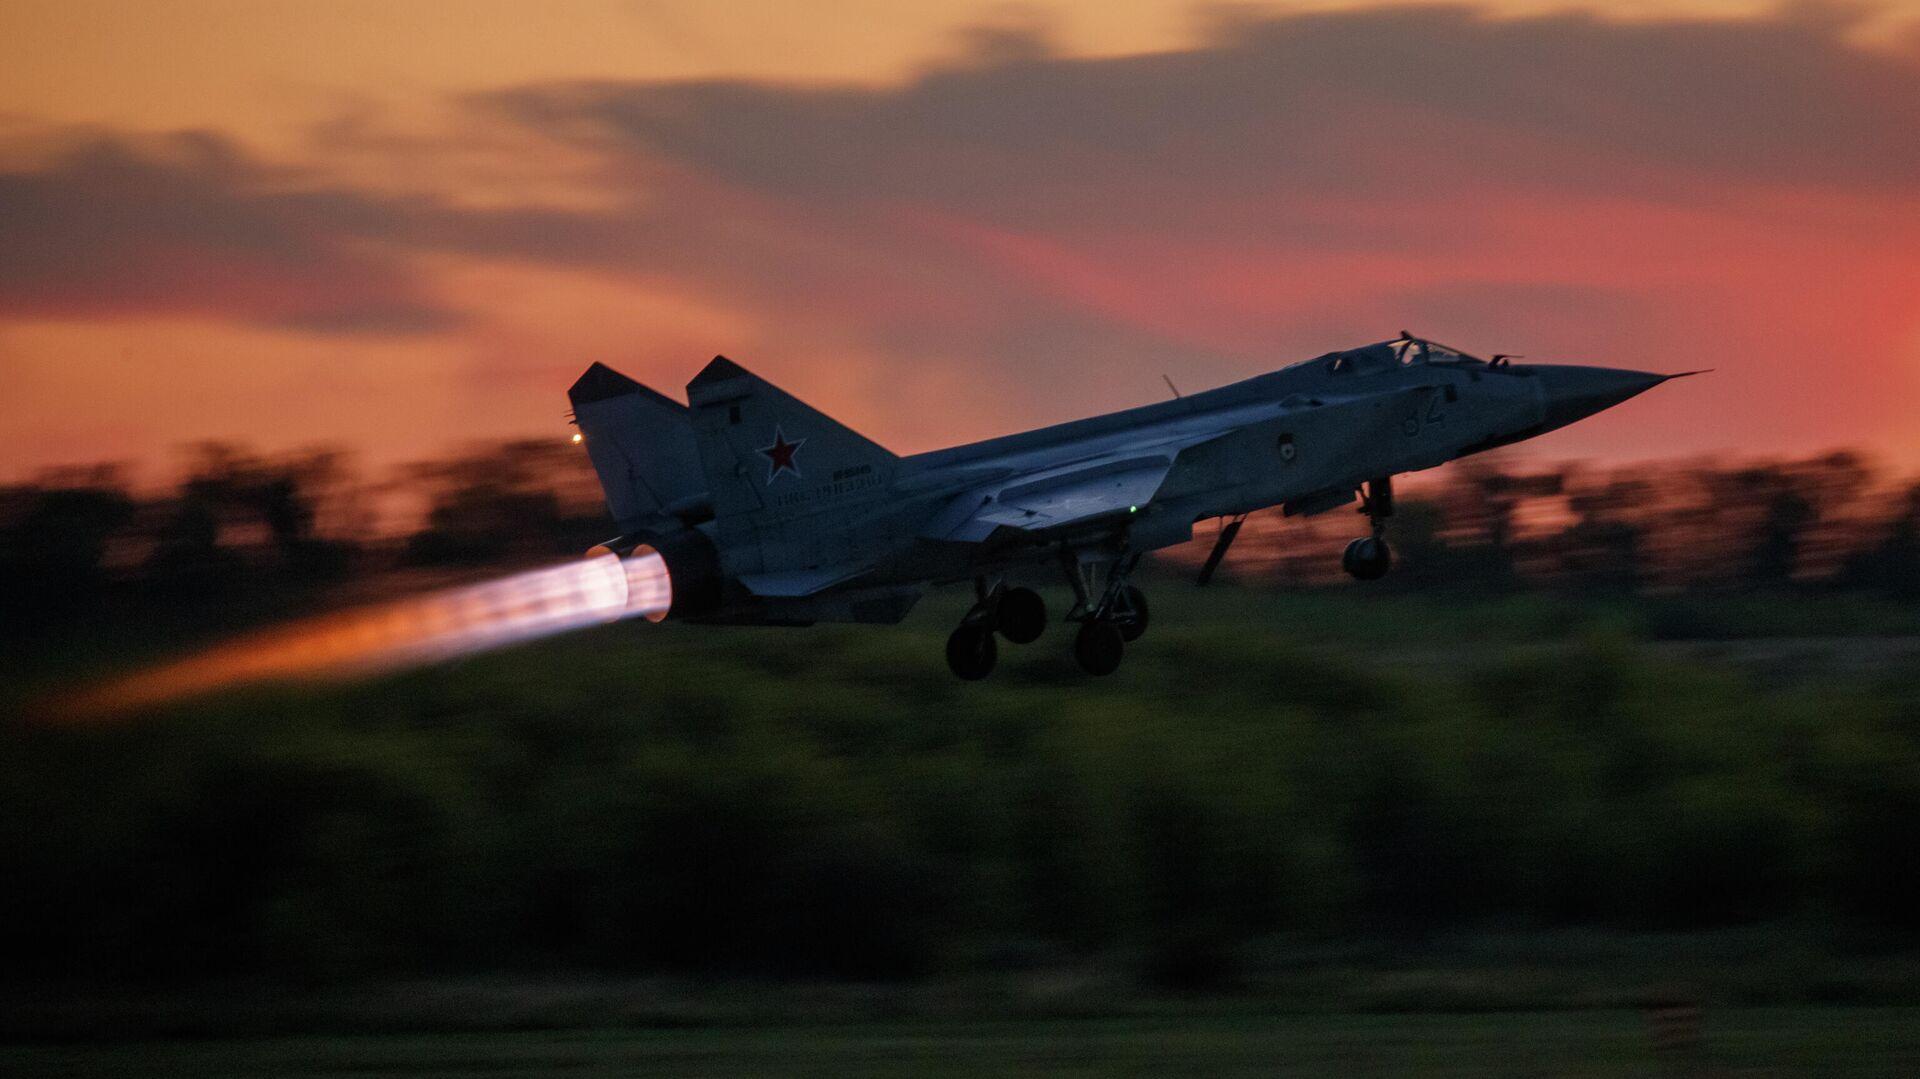 Истребитель-перехватчик МиГ-31 во время взлета - РИА Новости, 1920, 25.08.2020